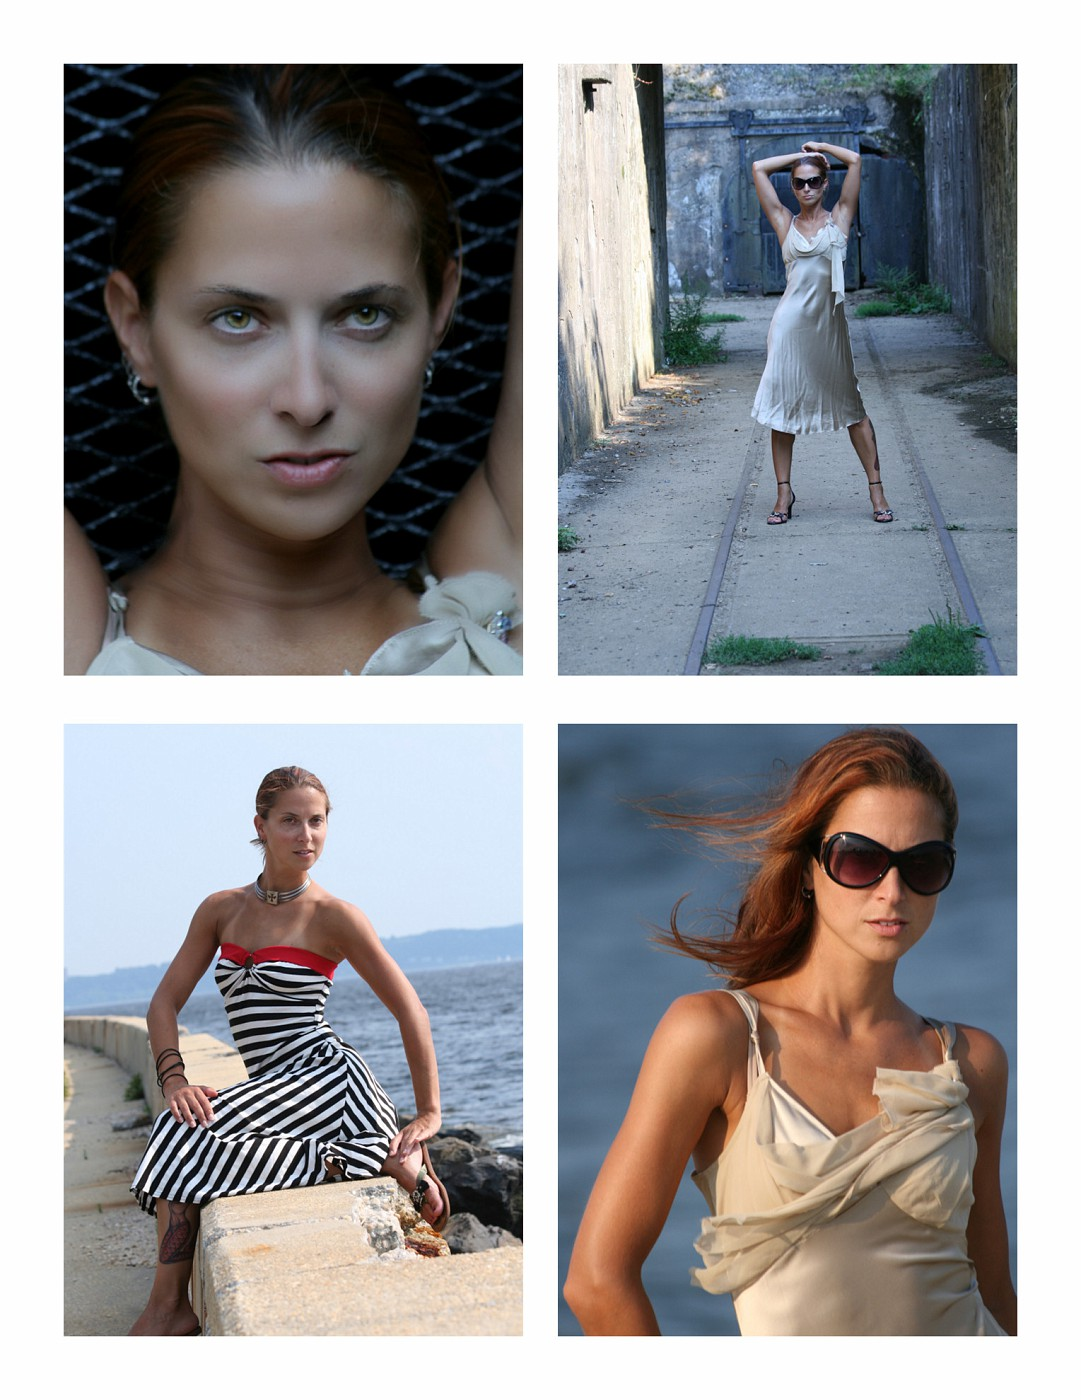 http://images40.fotki.com/v1301/photos/1/1254641/6549159/CollageforUpload_Page000-vi.jpg